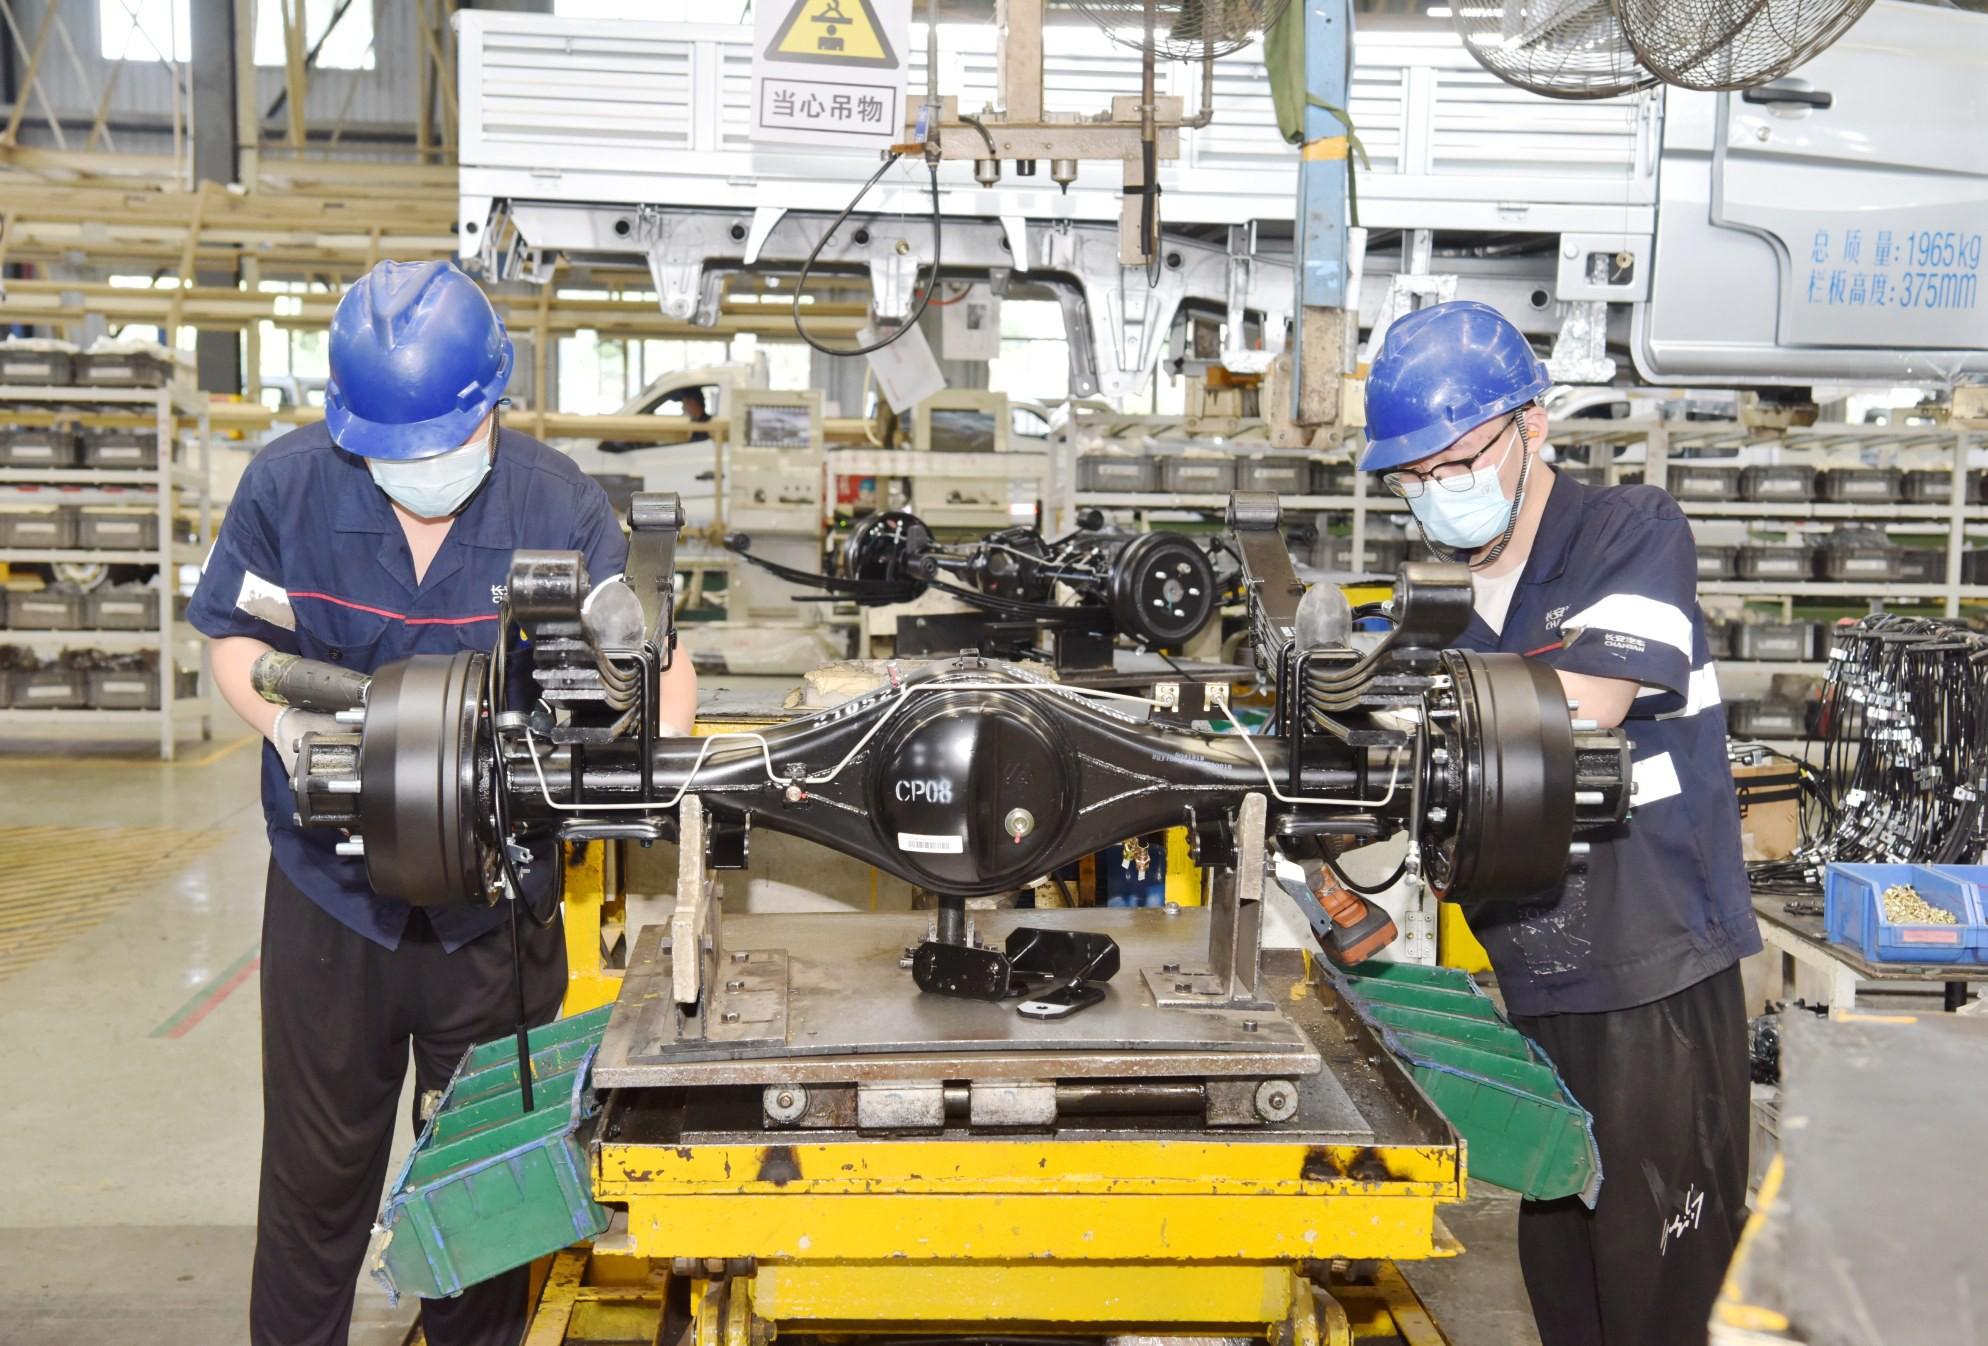 河北长安汽车有限公司工作人员正在进行产品组装